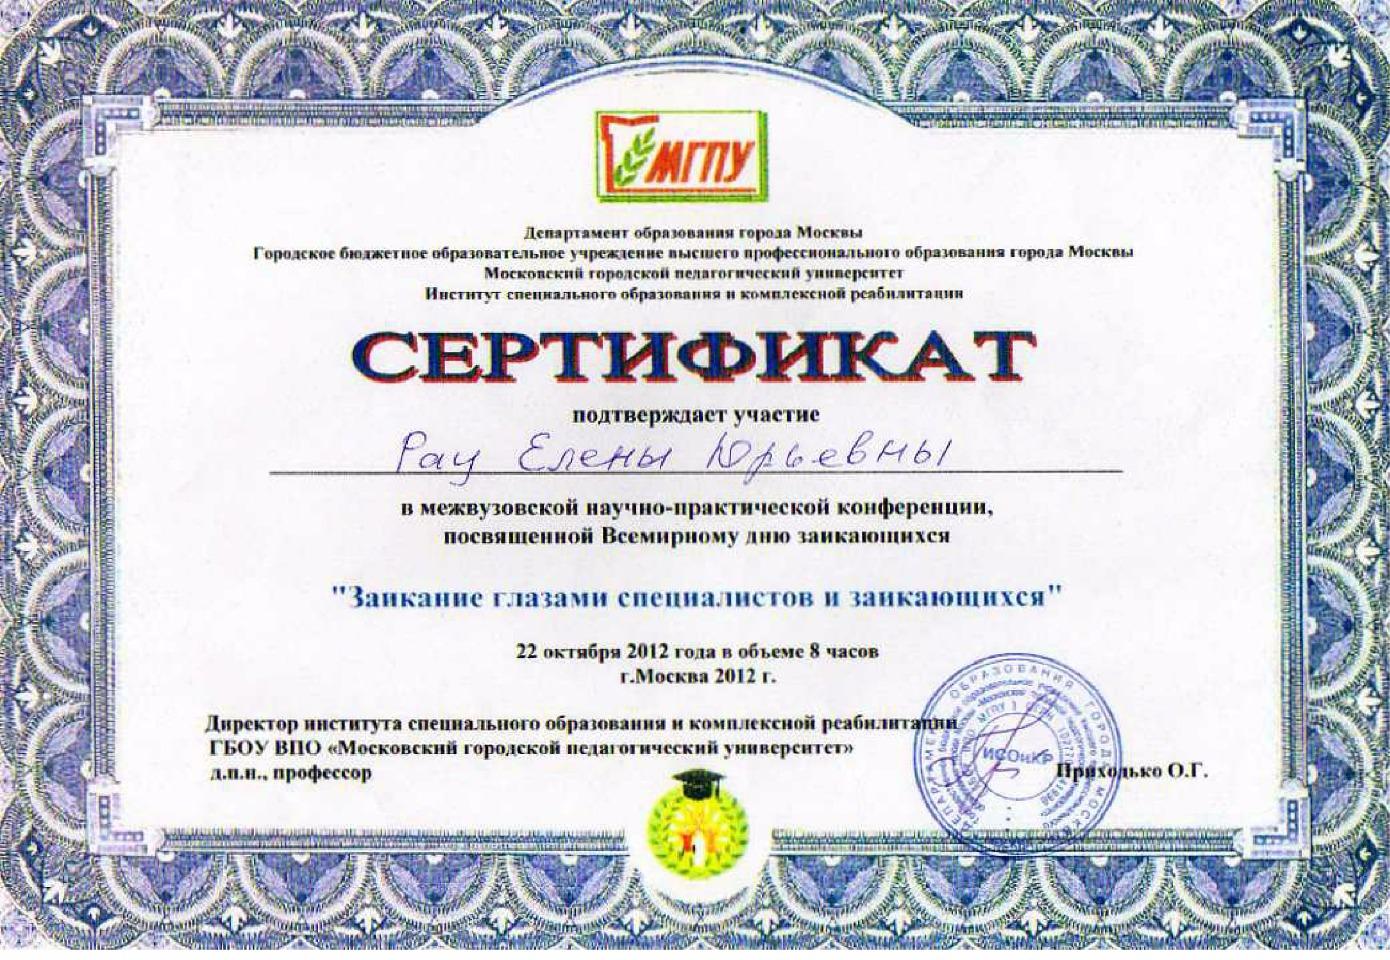 Сертификат 2012-1_edited